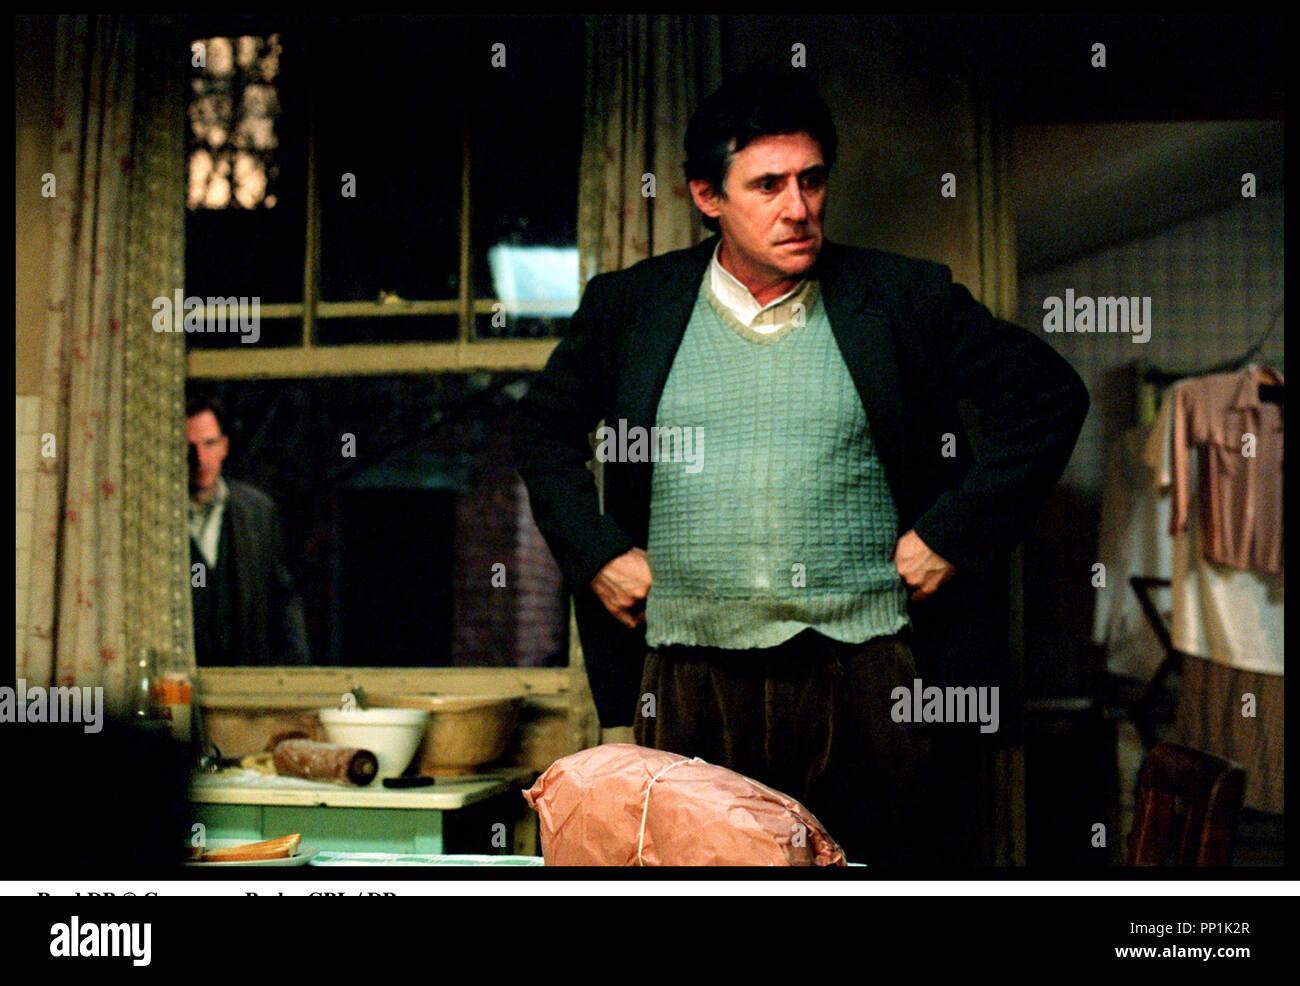 Prod DB © Grosvenor Park - CBL / DR SPIDER (SPIDER) de David Cronenberg 2002 USA avec Gabriel Byrne enervement d'apres le roman de Patrick McGrath - Stock Image